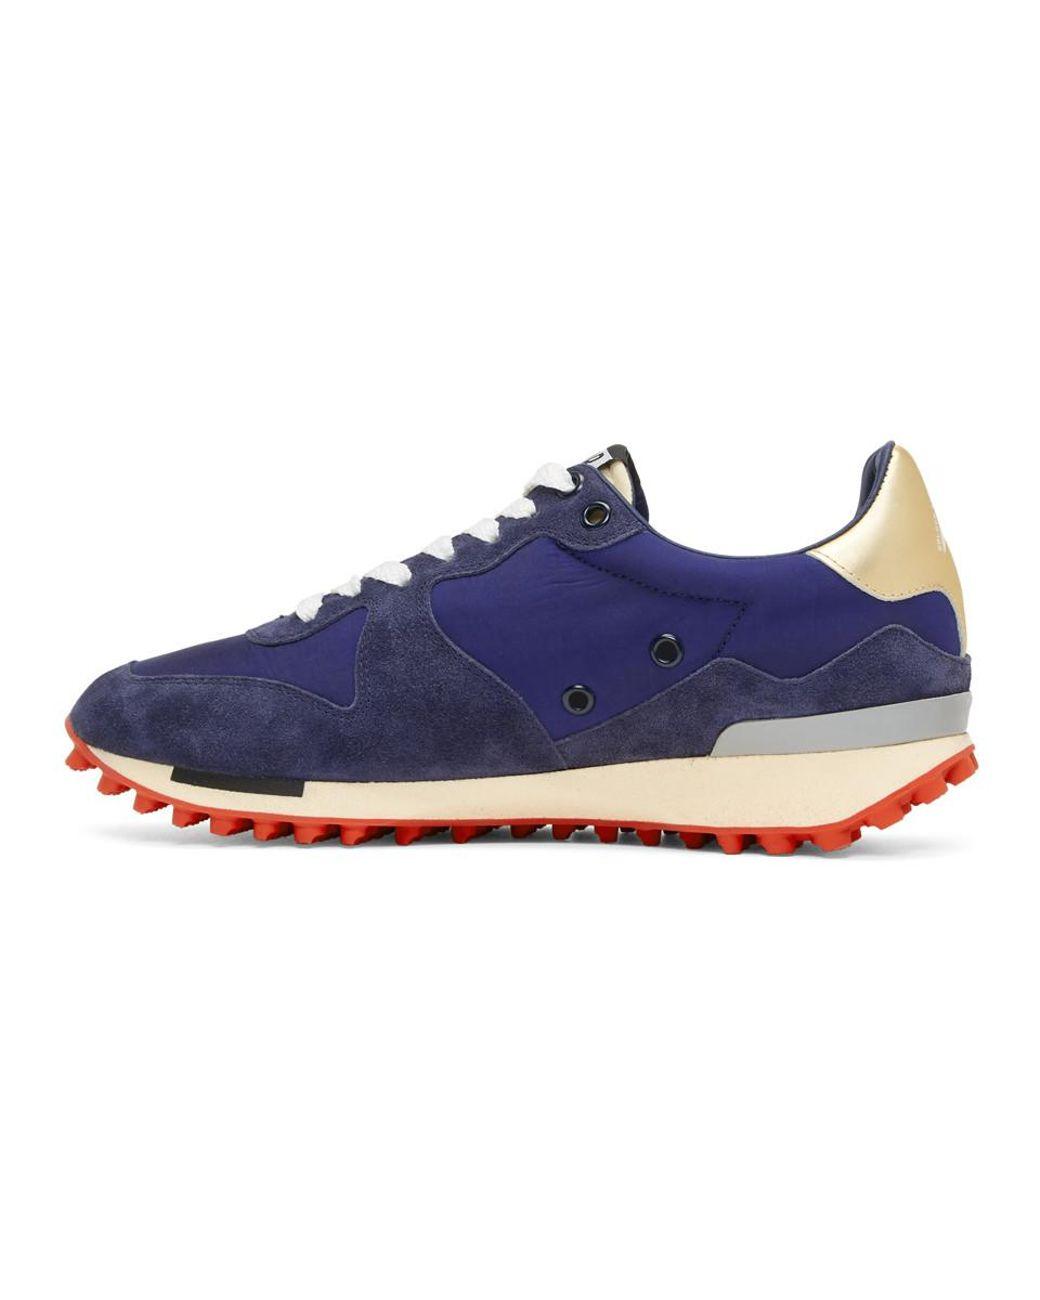 cfa886b2142e7 Golden Goose Deluxe Brand Men s Blue Nylon Starland Trainers Release